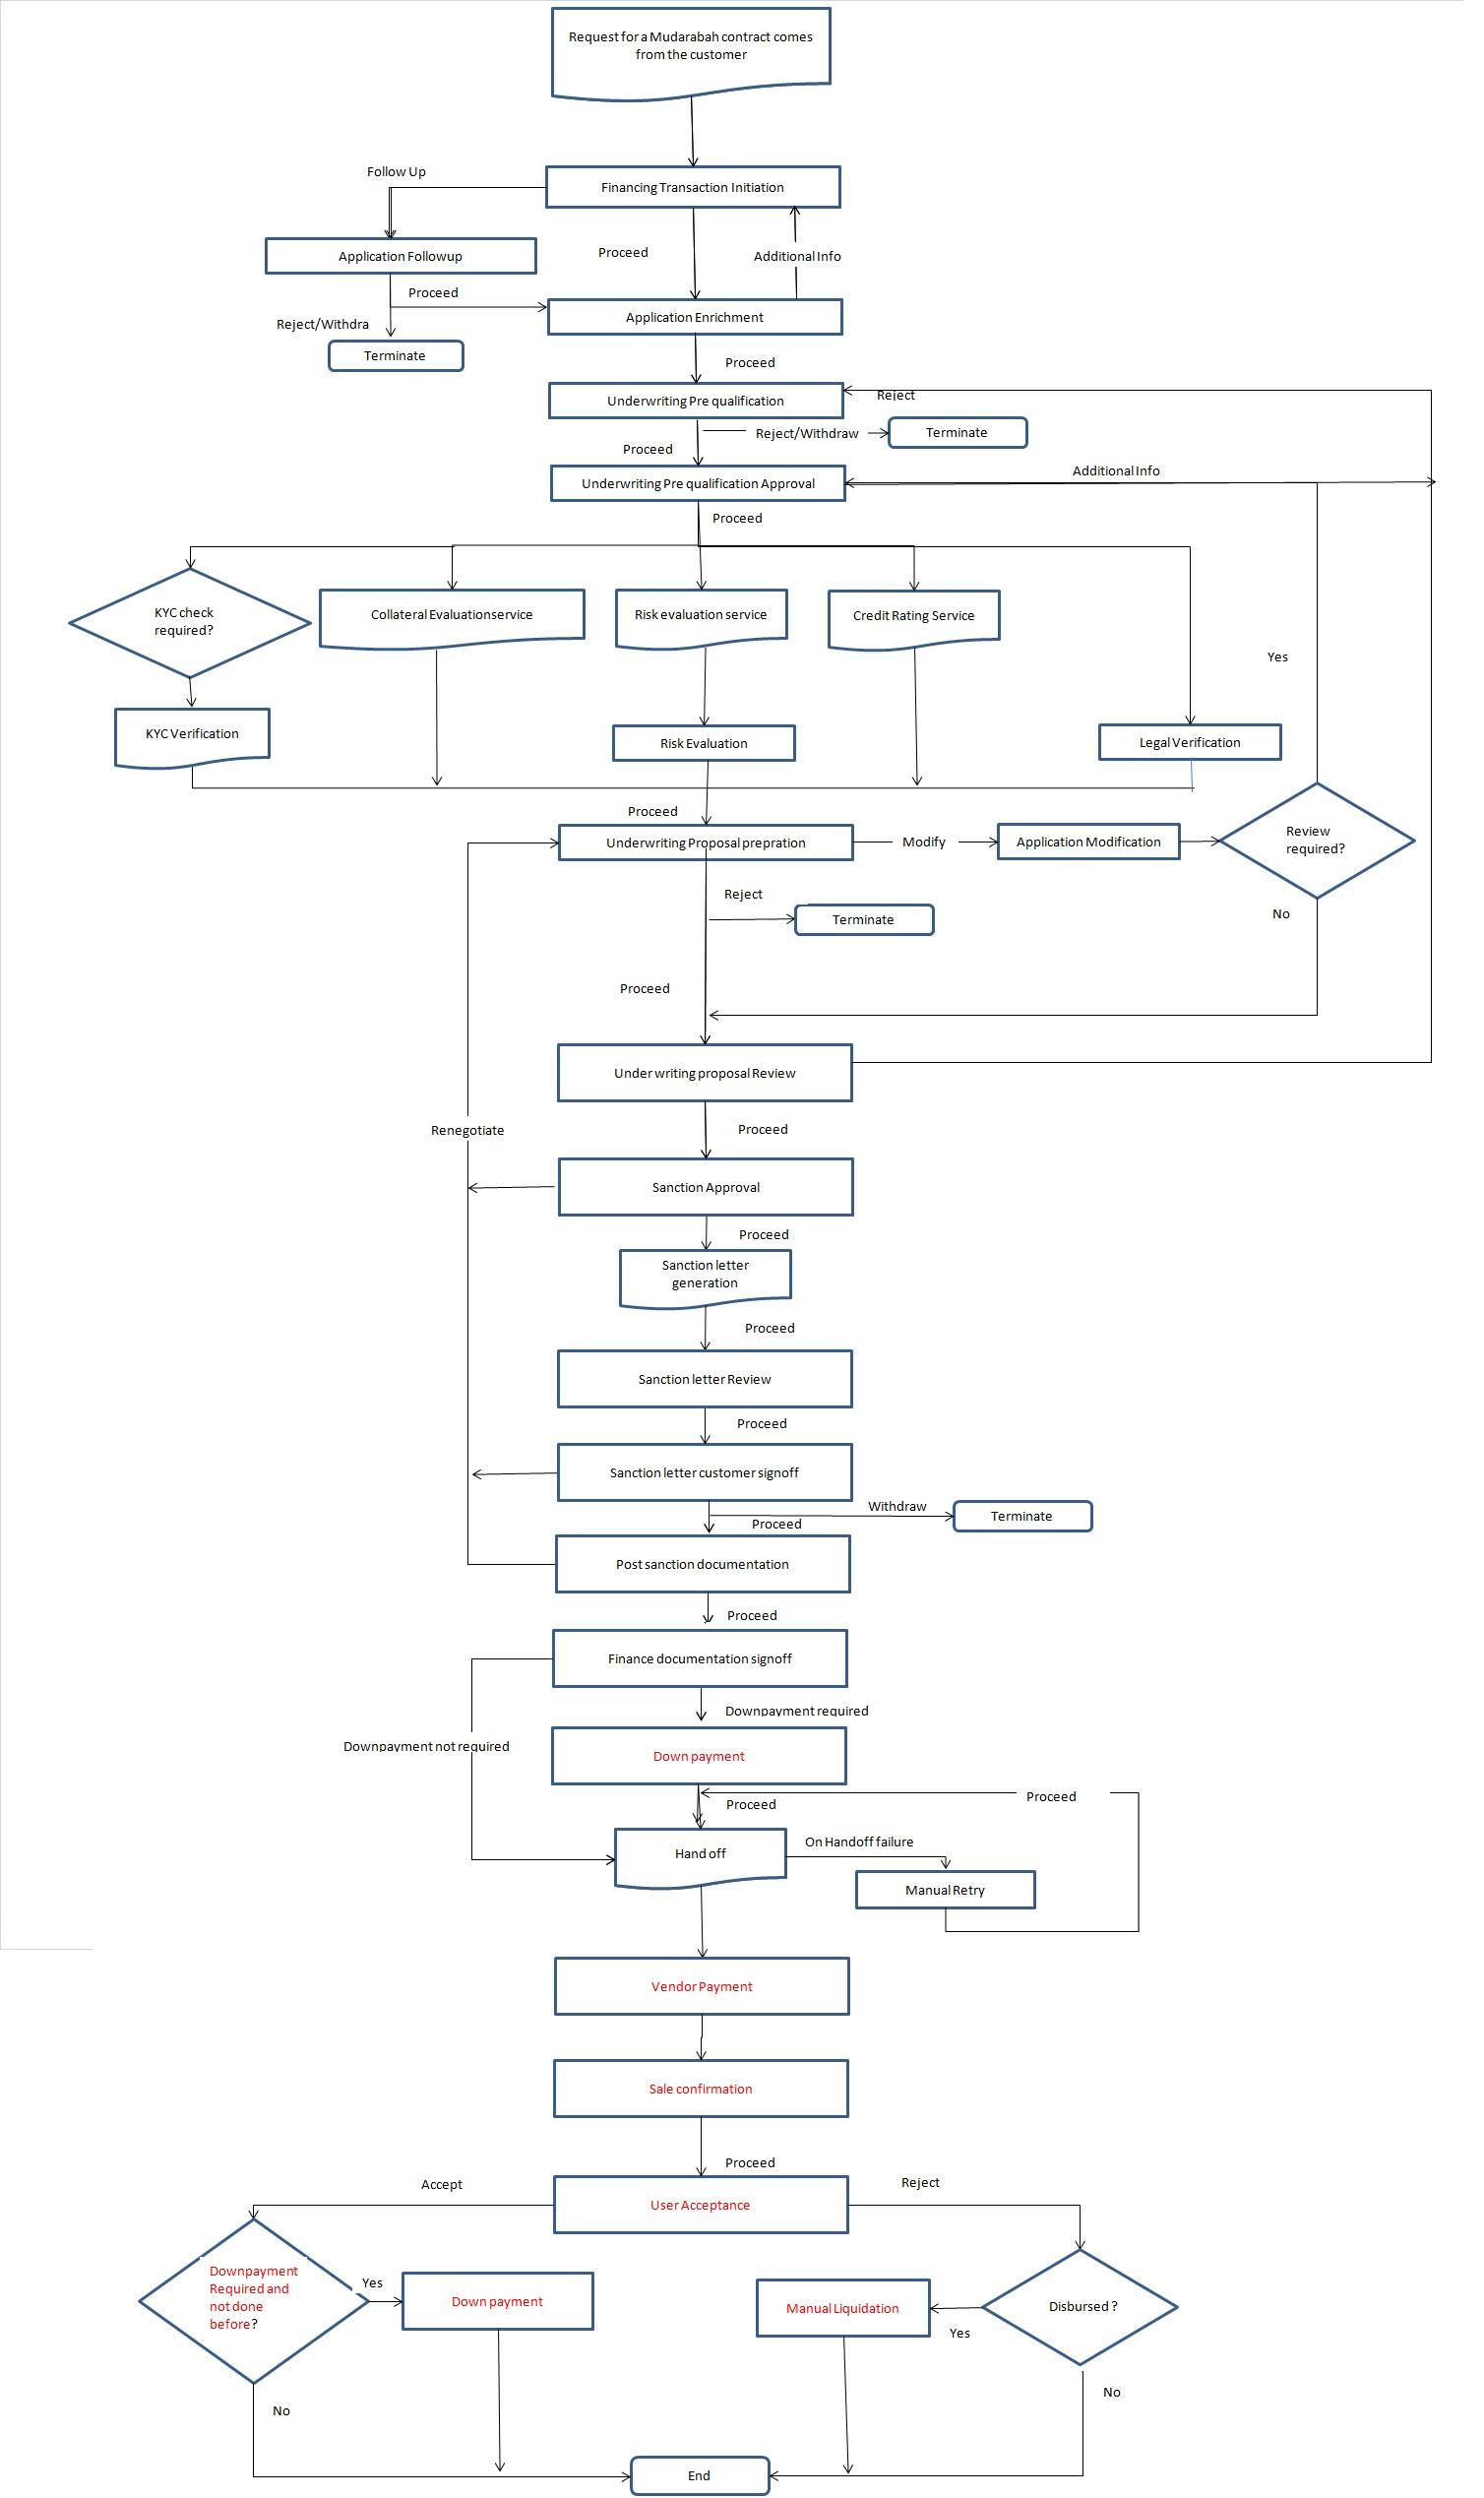 2.1 Process Flow Diagram